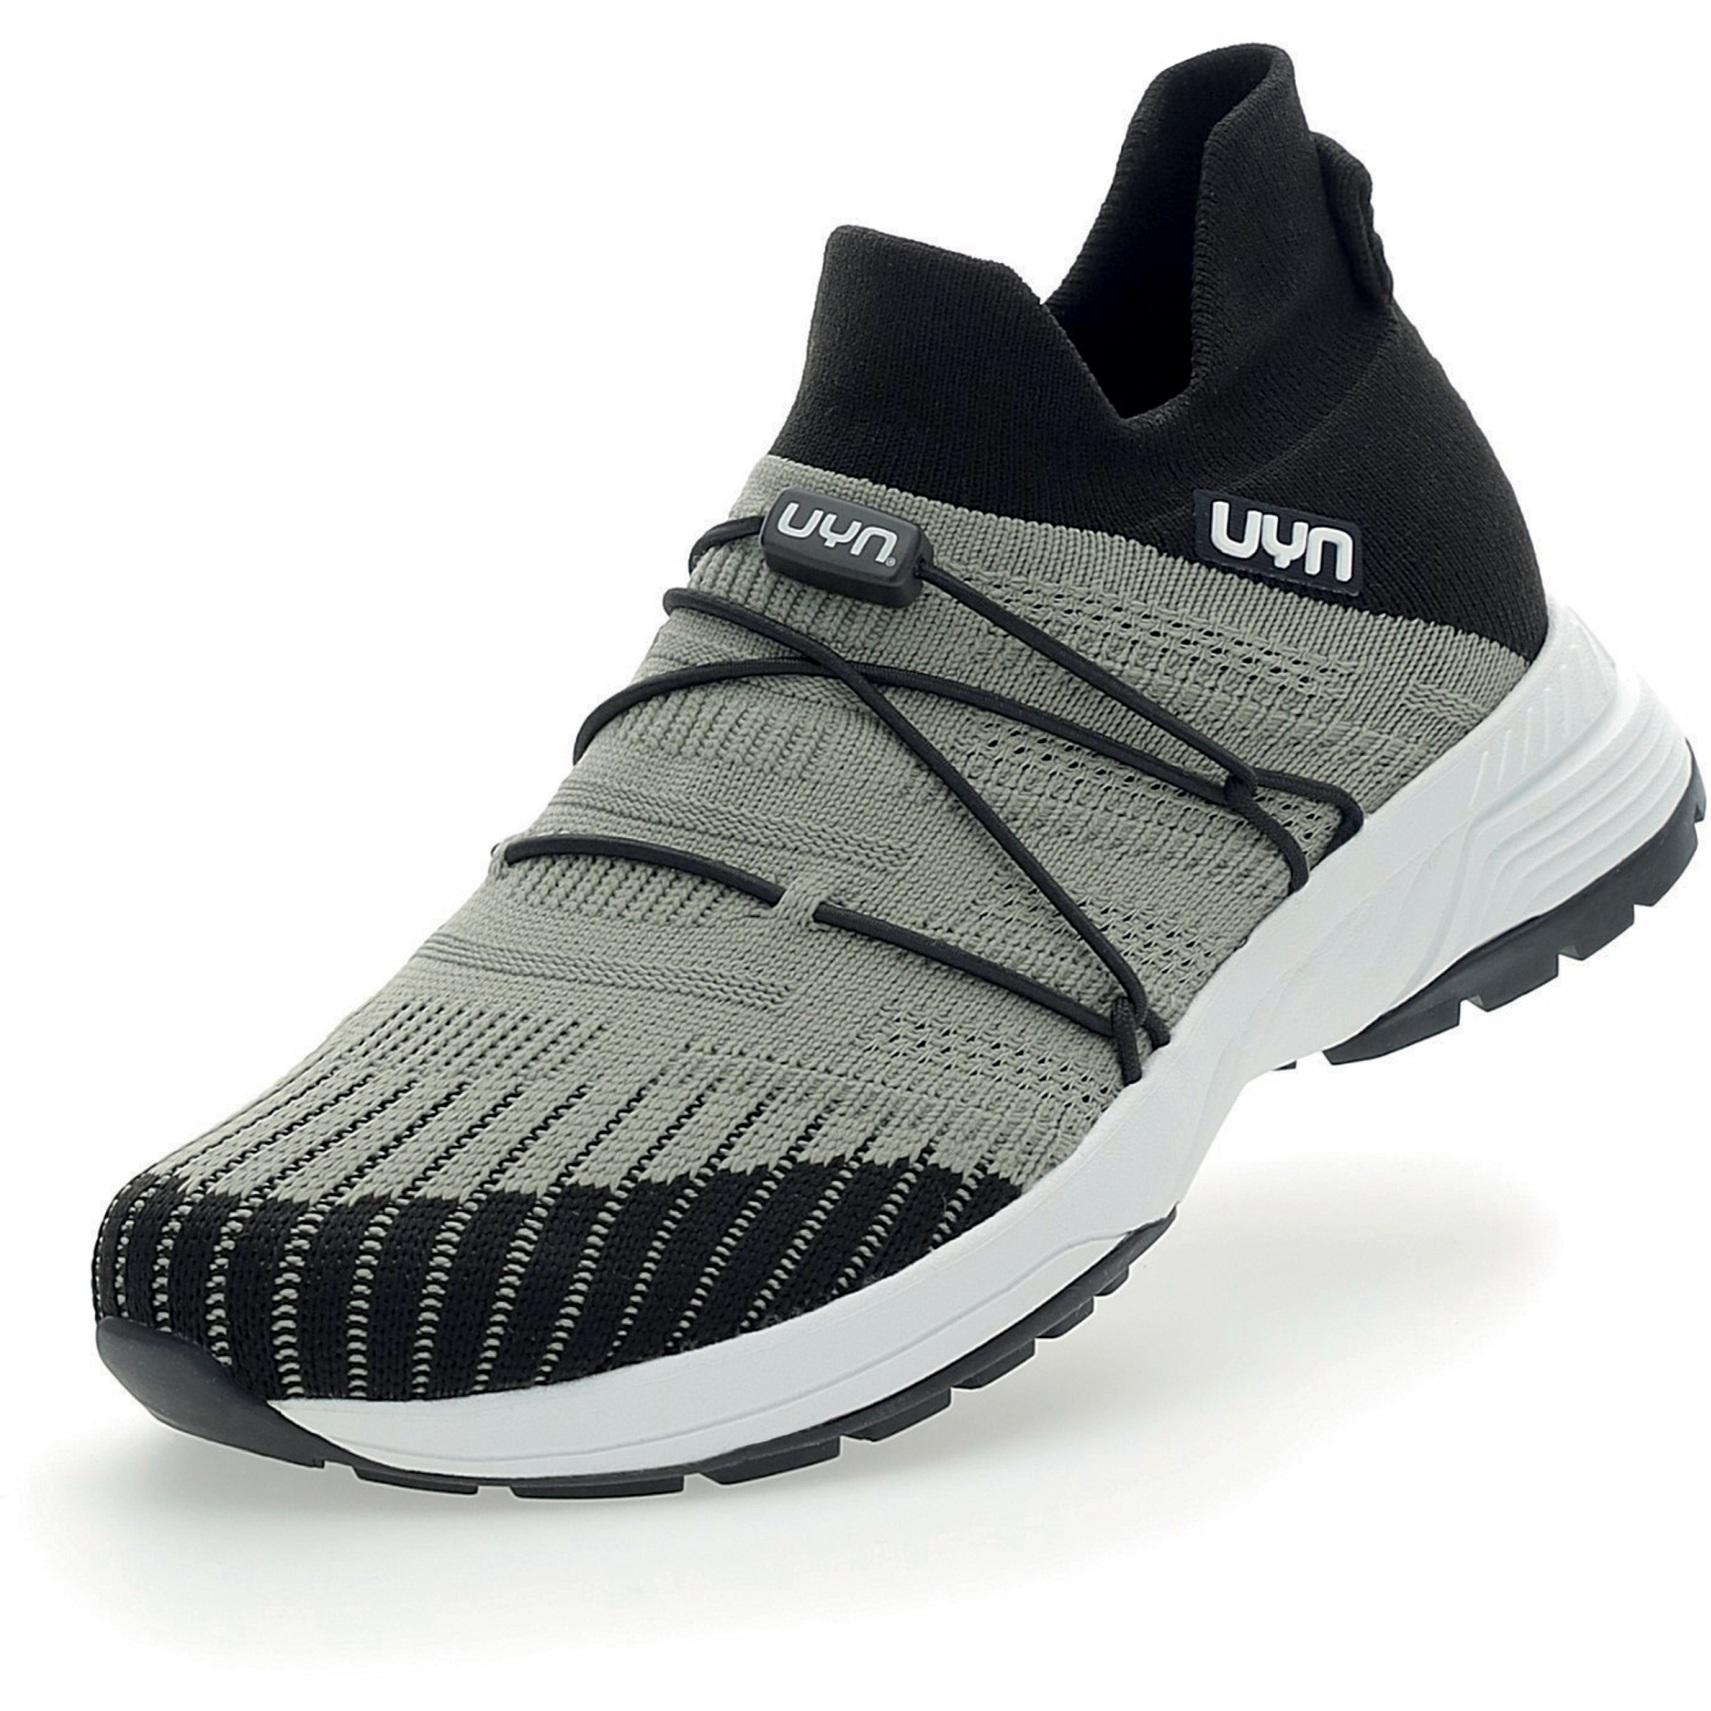 UYN Free Flow Tune Running Shoes Women - Beige